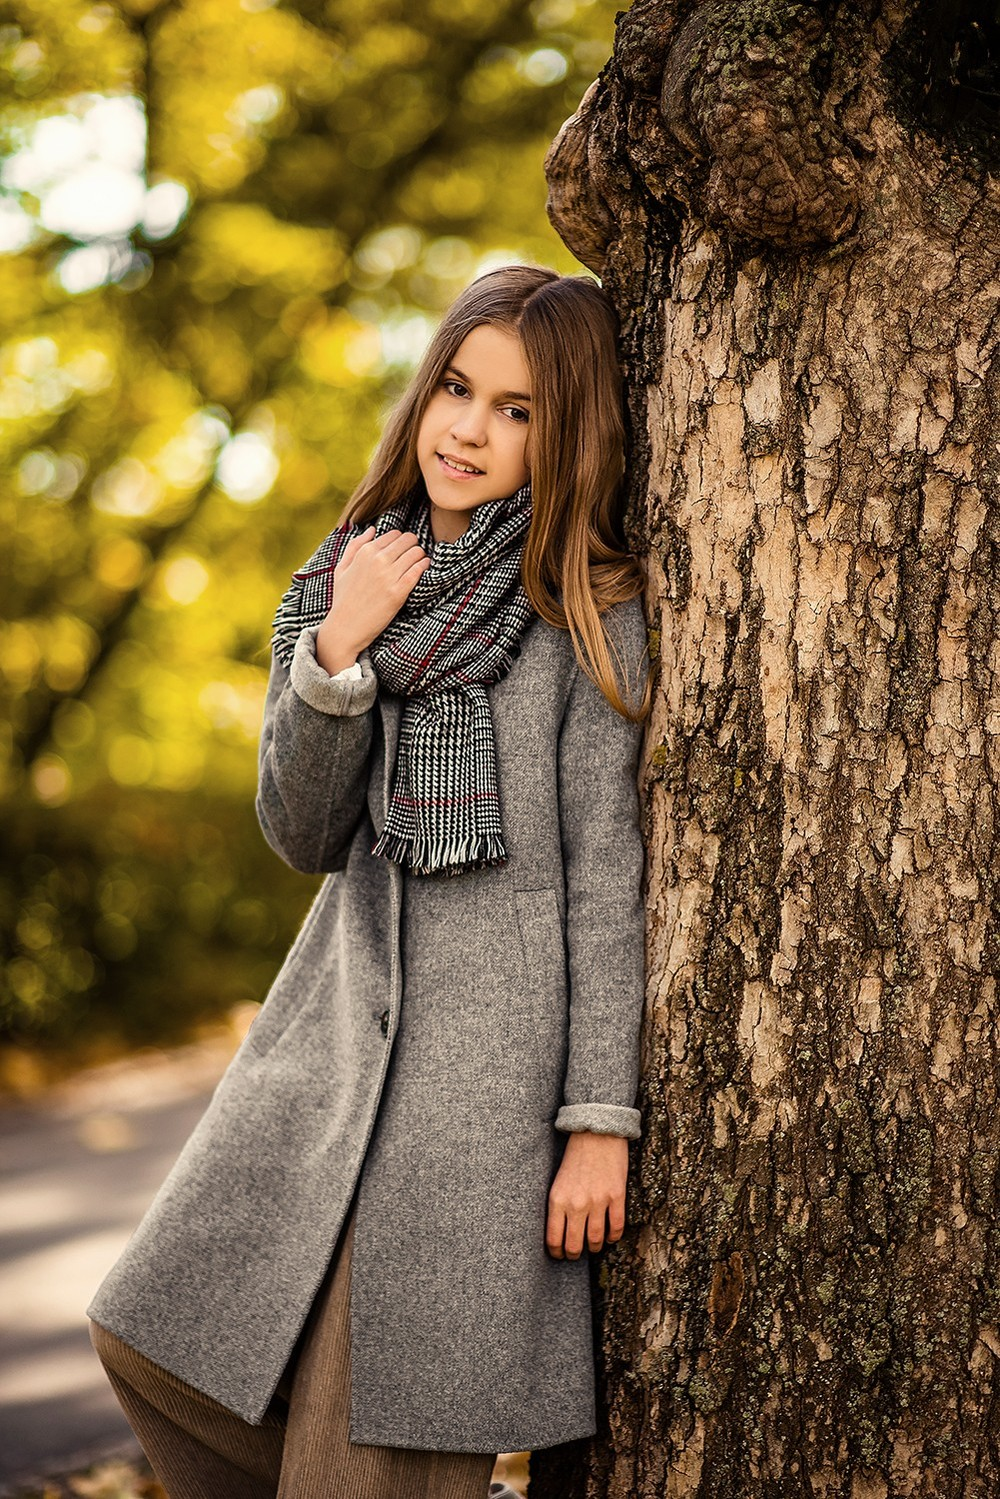 Детская фотосессия - София, осень